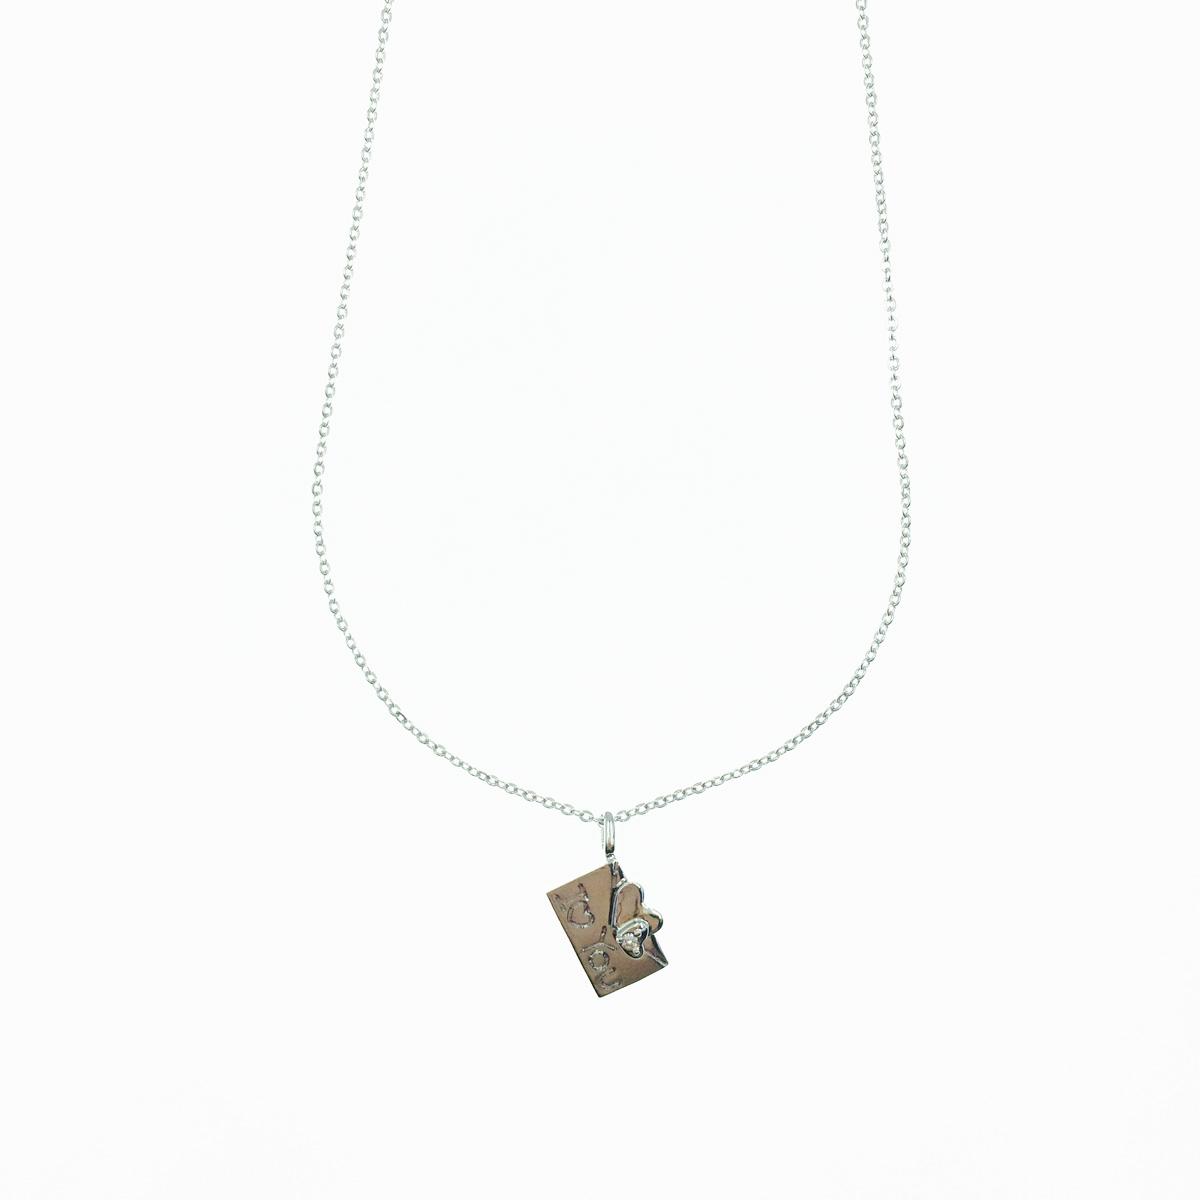 韓國 愛心 雙心 水鑽 刻字金屬吊牌 英文字母 精緻項鍊